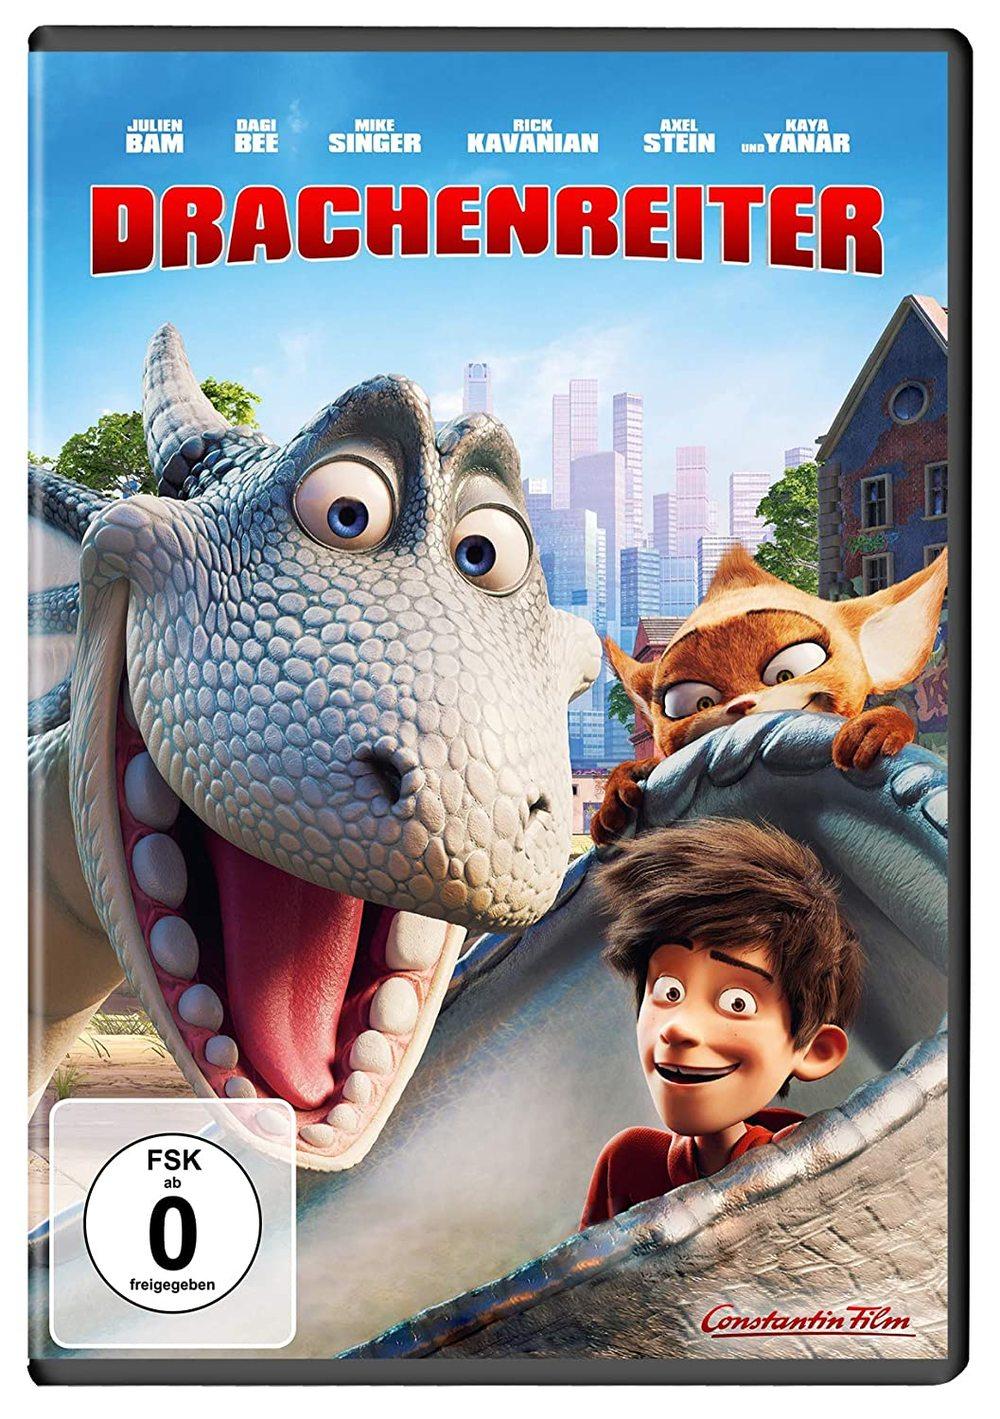 """Schuppige Abenteuer: Wir verlosen die DVD und BD von """"Drachenreiter"""" sowie die Romanvorlage"""